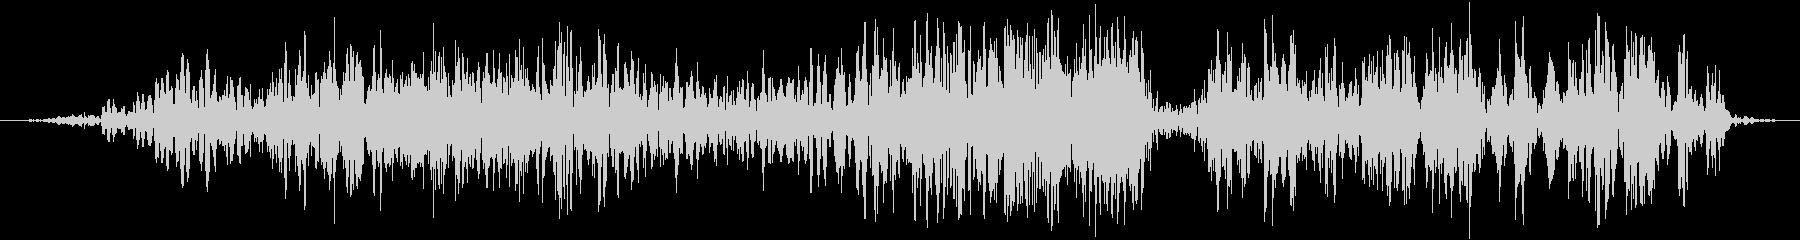 ビッググローヴァンパイア、オーガ、...の未再生の波形